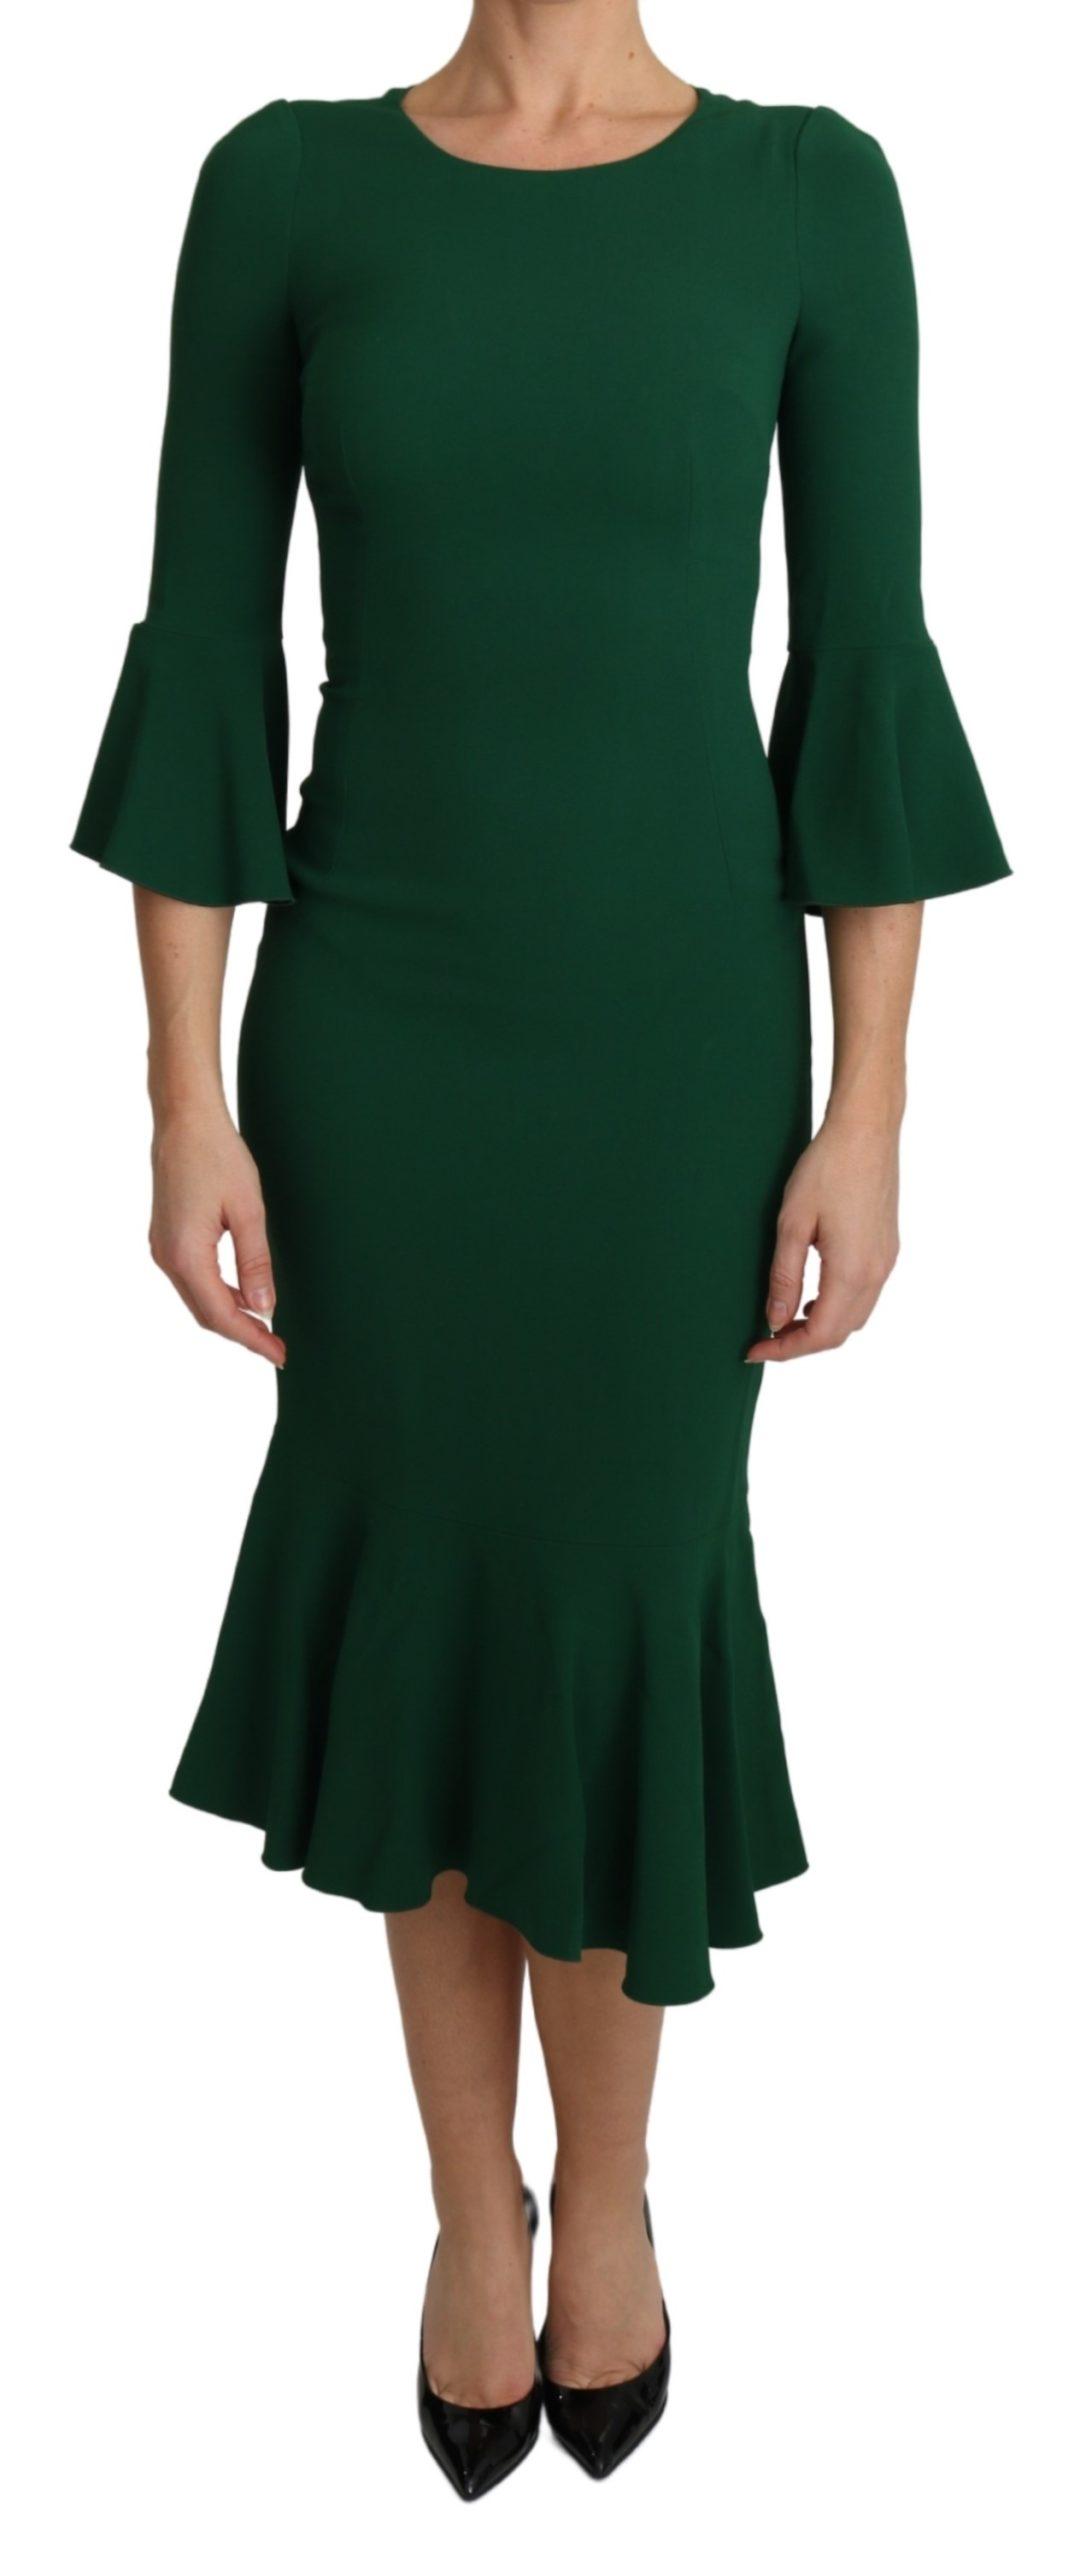 Dolce & Gabbana Women's Mermaid Midi Dress Green DR2583 - IT36 | XS